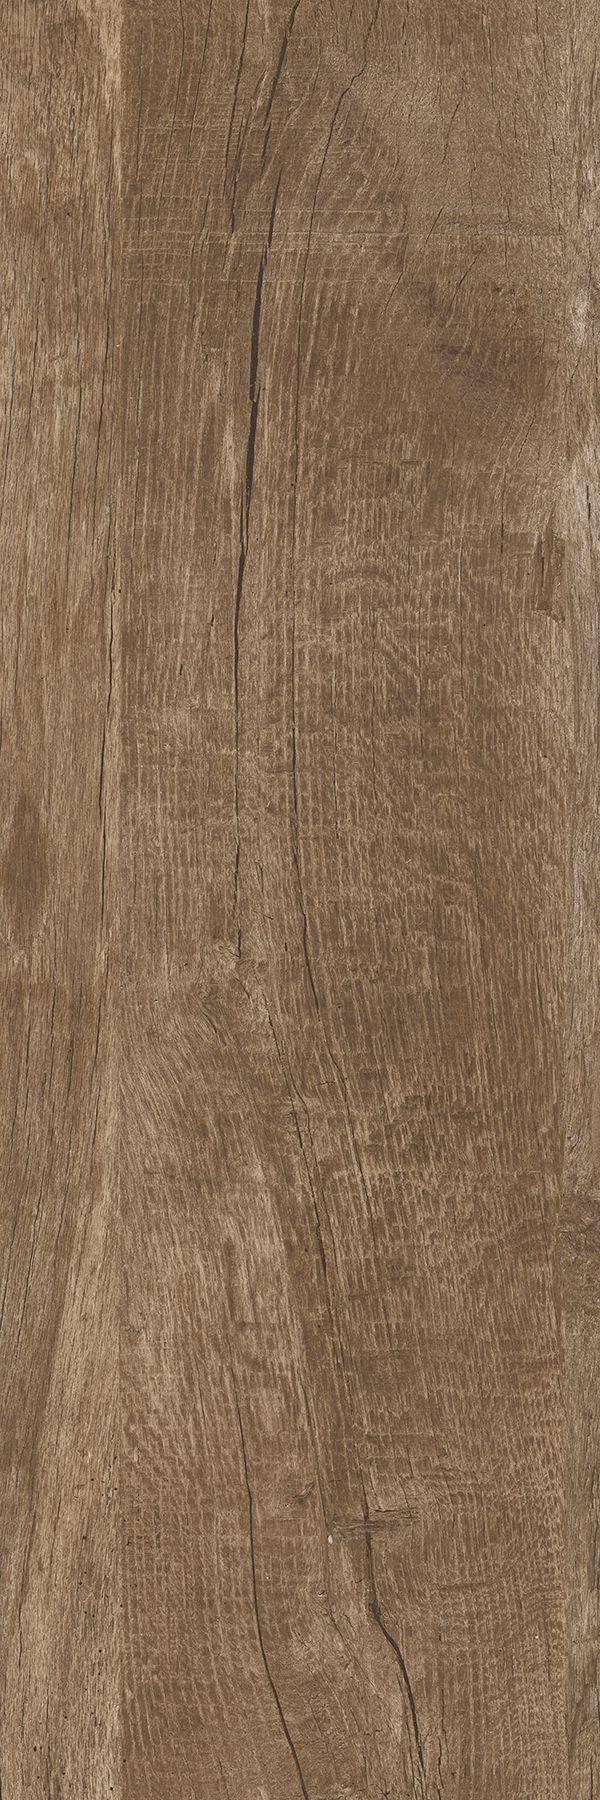 Dalle Monteverde Wood Tile Texture Laminate Texture Wood Tiles Design